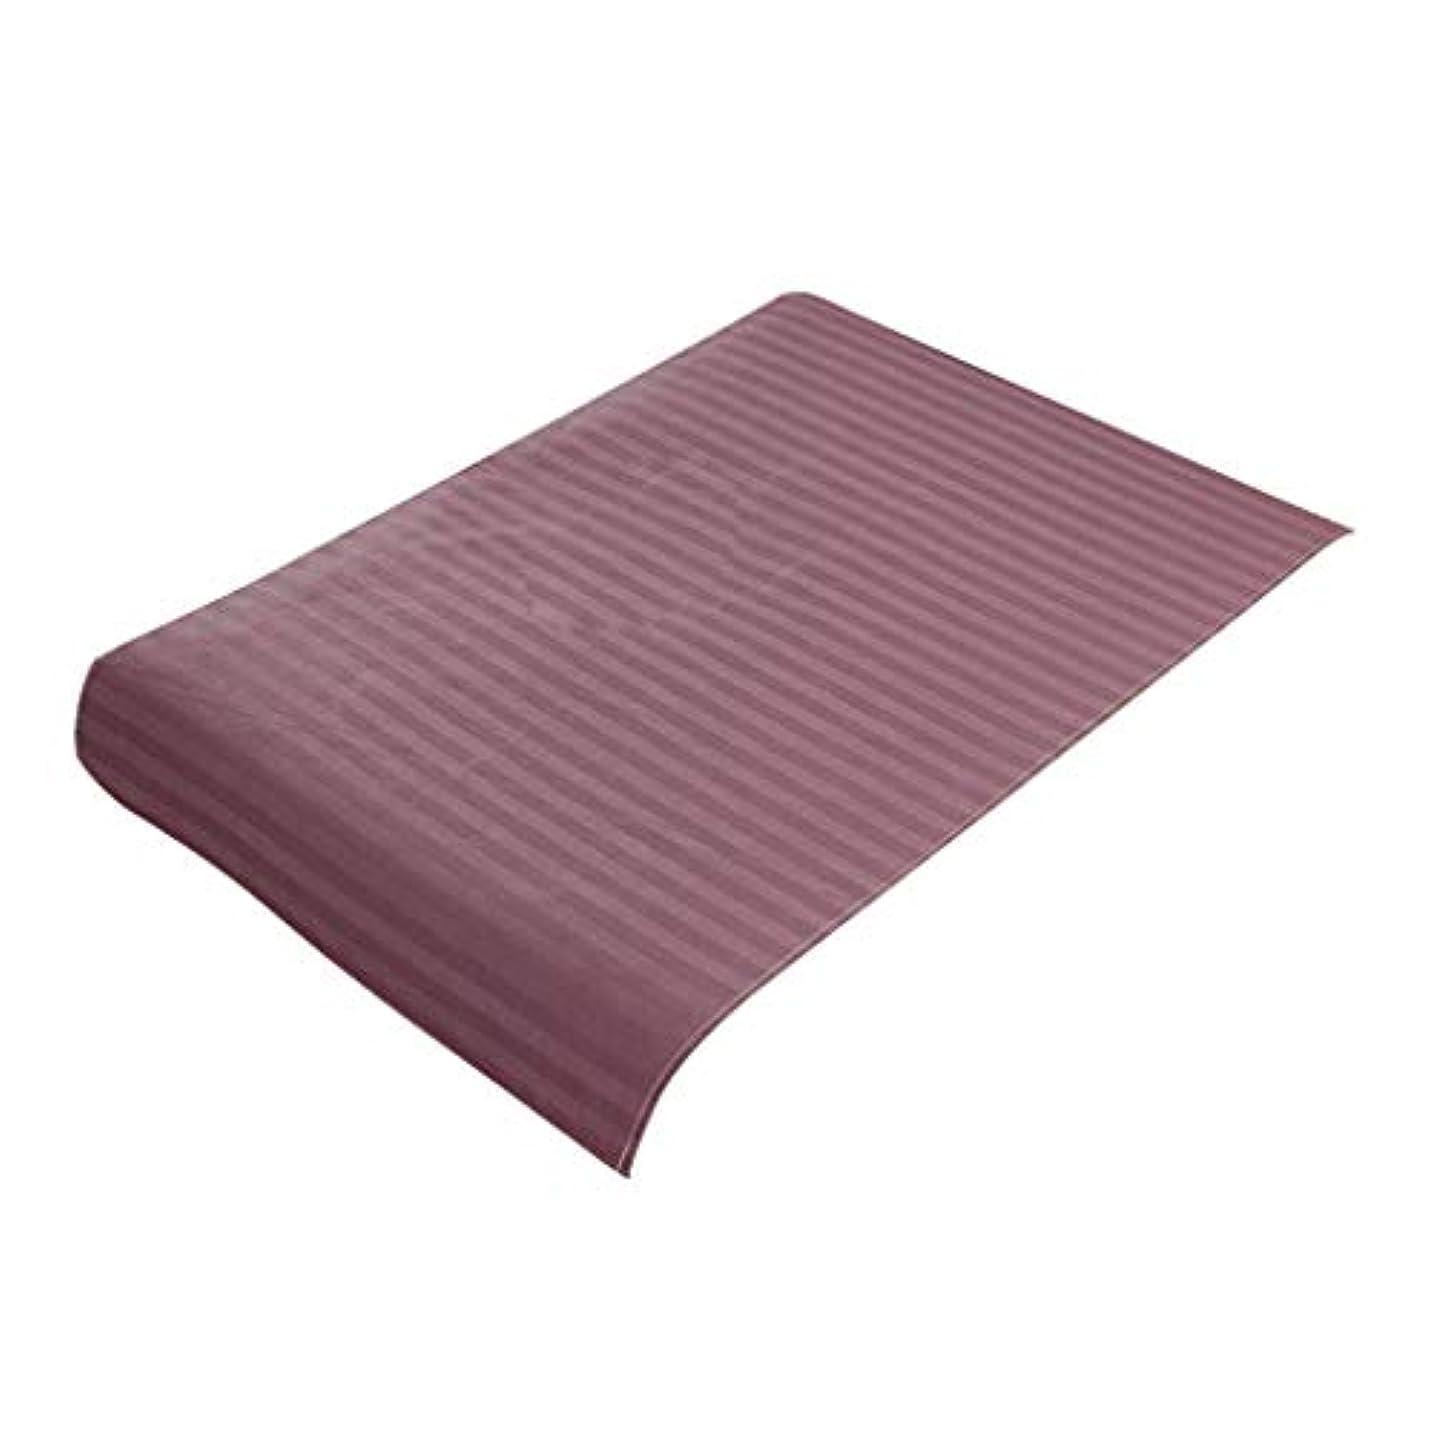 市の中心部出席する銃ベッドカバー 美容 サロン スパ マッサージ ベッドシート フェース用 ピュアコットン - 紫